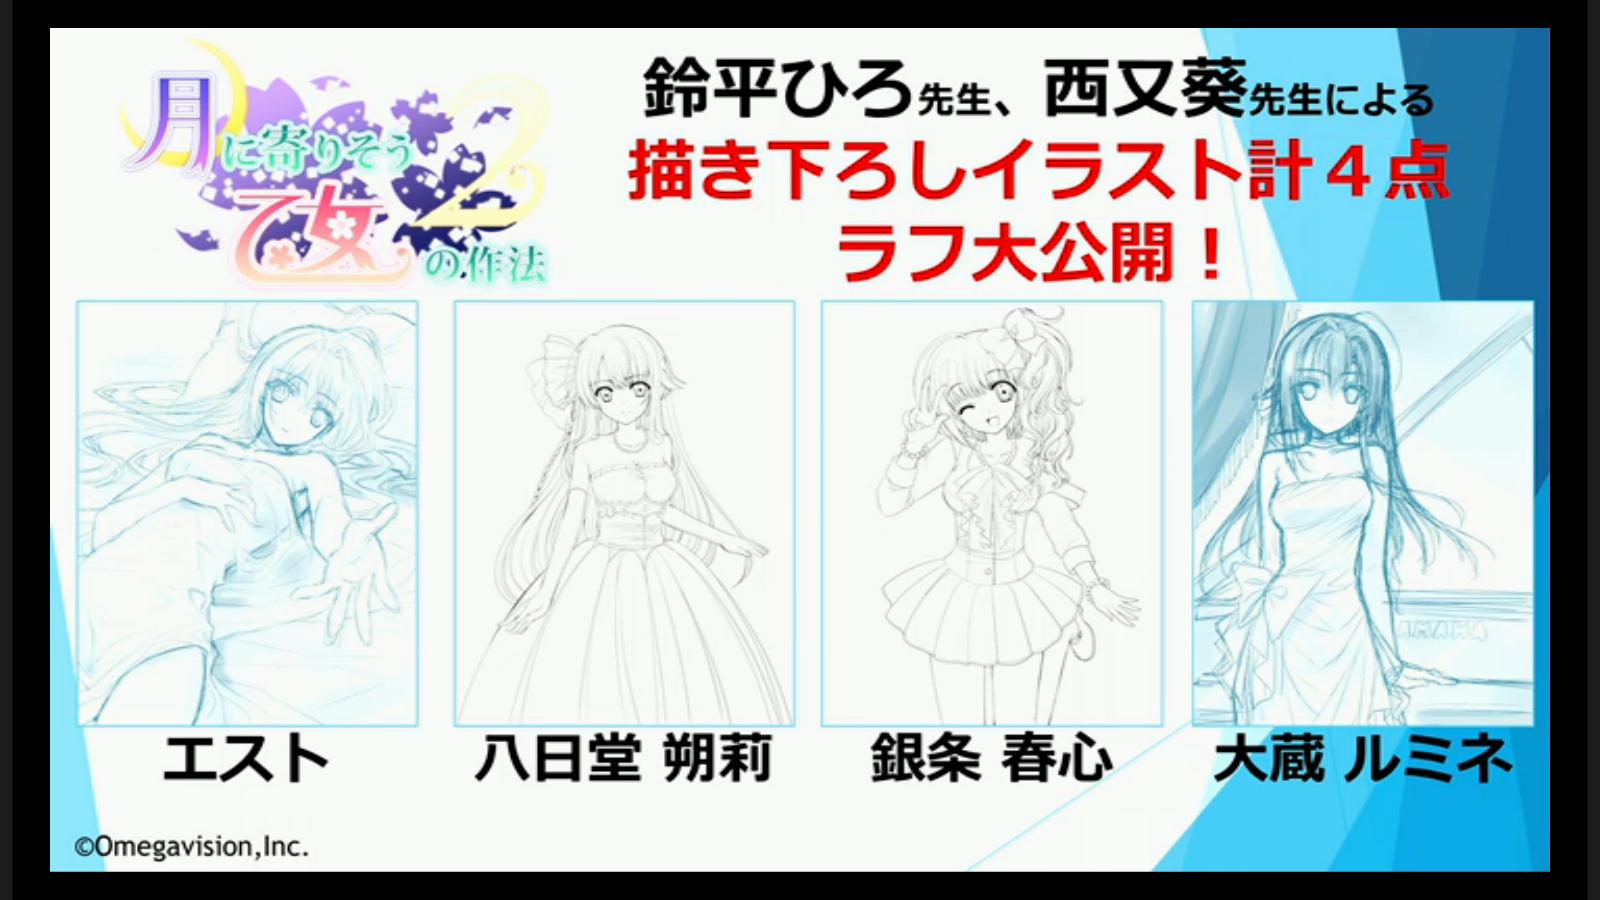 エクストラブースター「月の寄りそう乙女の作法2」鈴平ひろ先生・西又葵先生による描き下ろしイラスト ラフデザイン公開